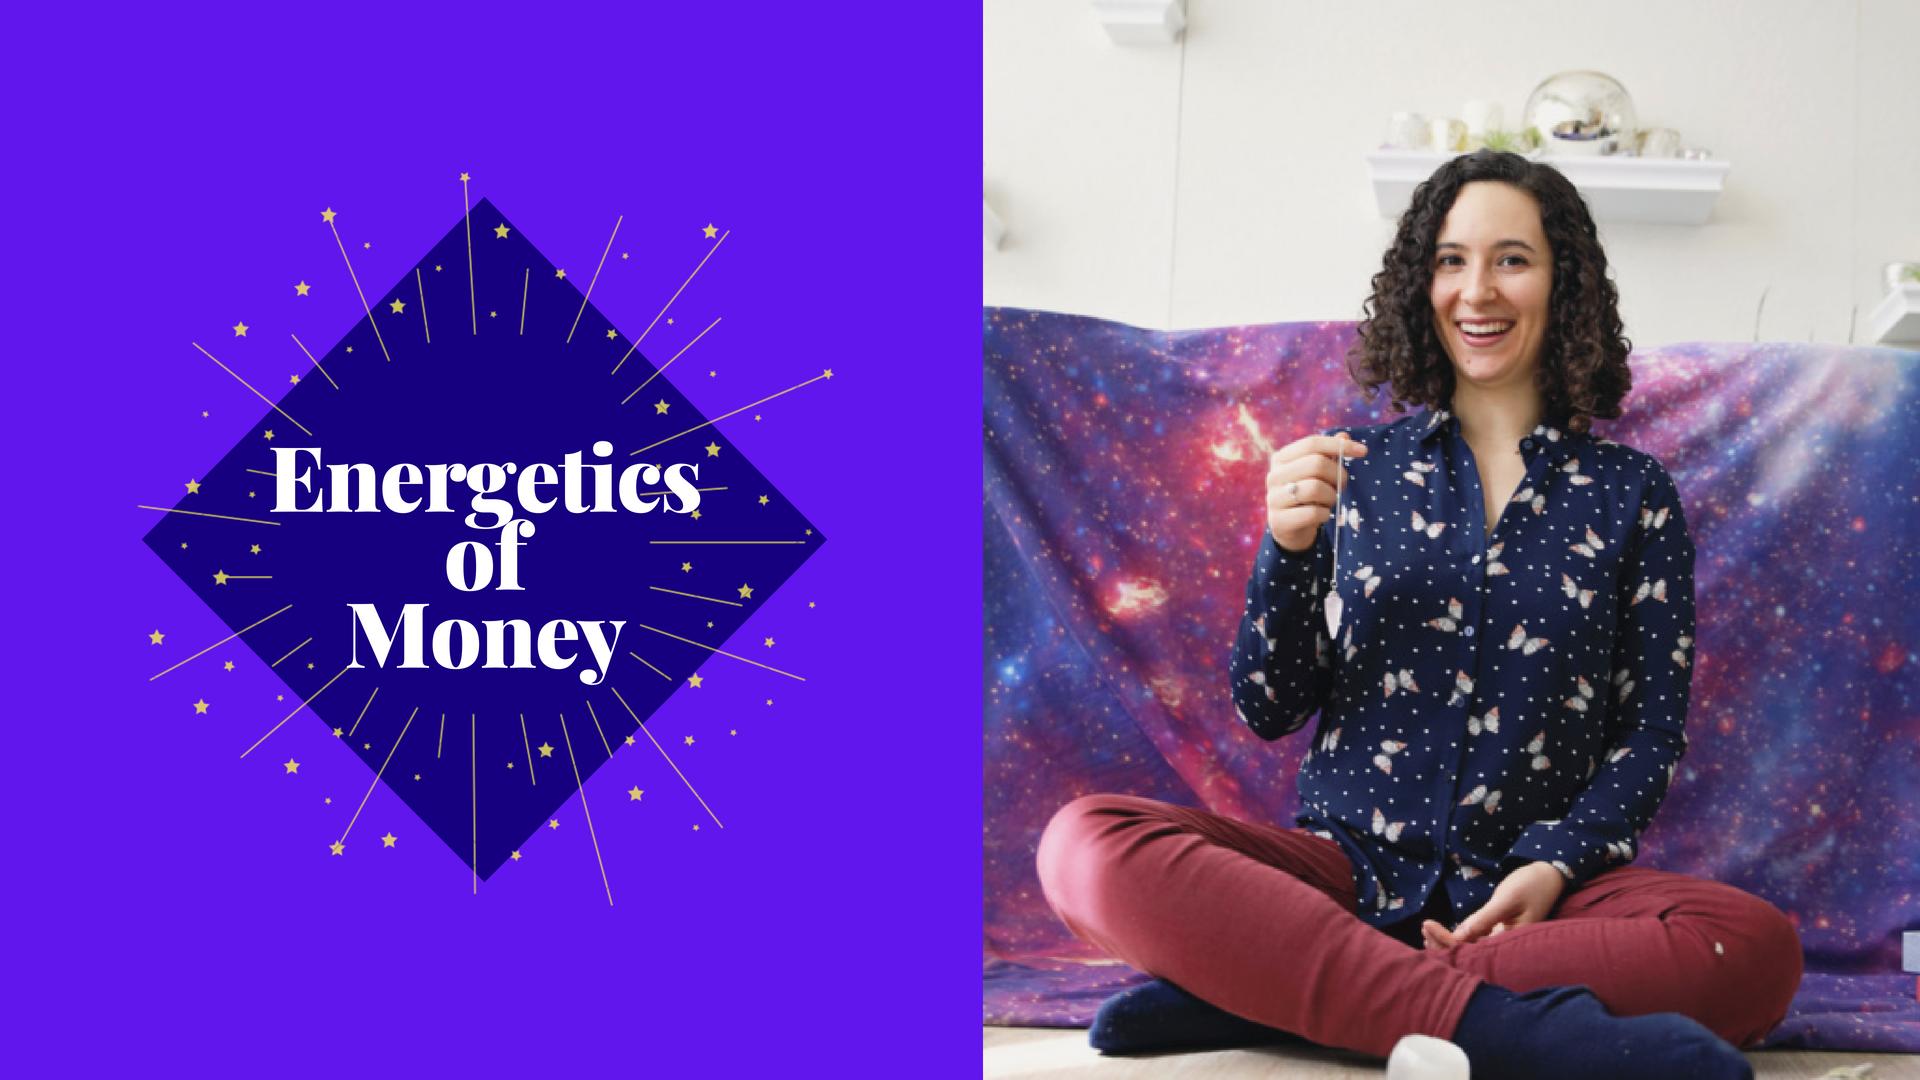 Energetics of Money (2).png